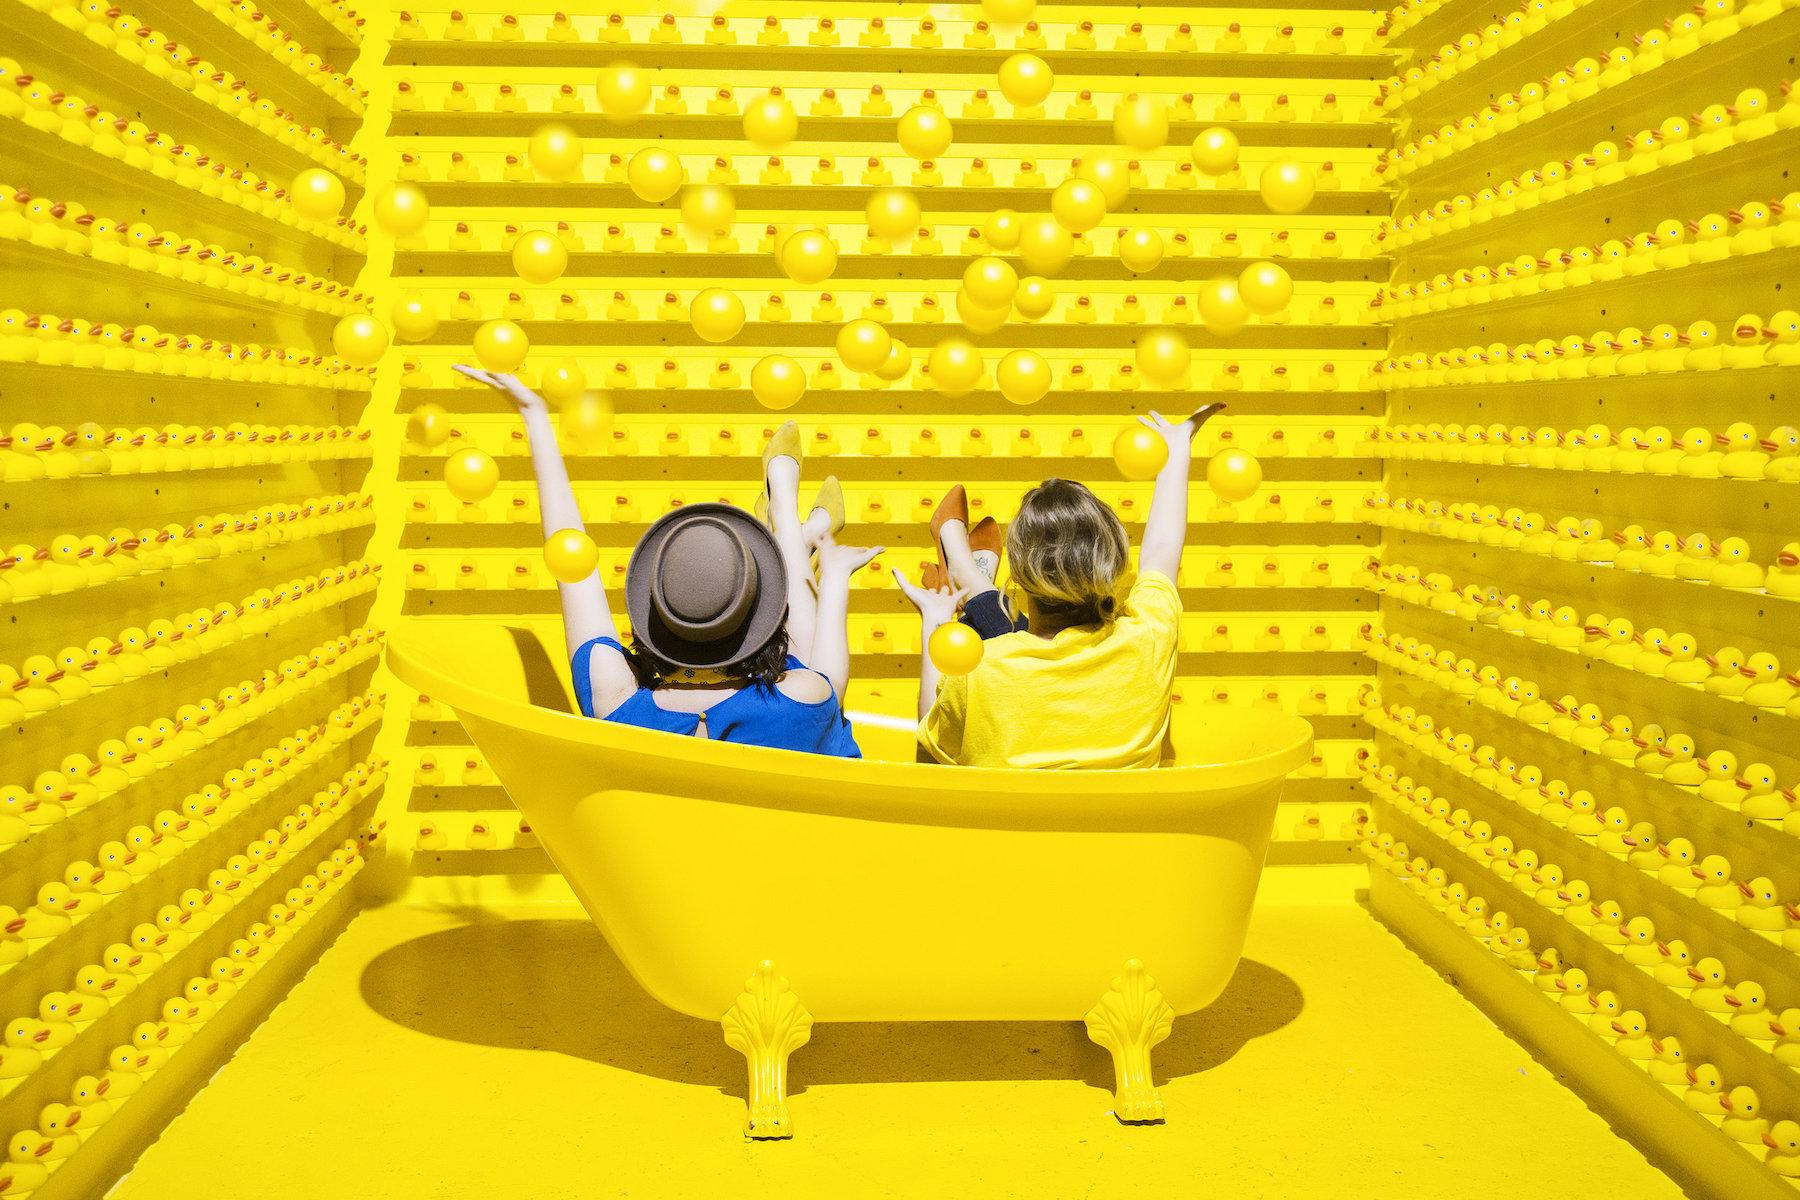 【真.開心樂園】Happy Place玩味展覽 多倫多限時喪玩喪拍攝樂園 - Toronto What's UP